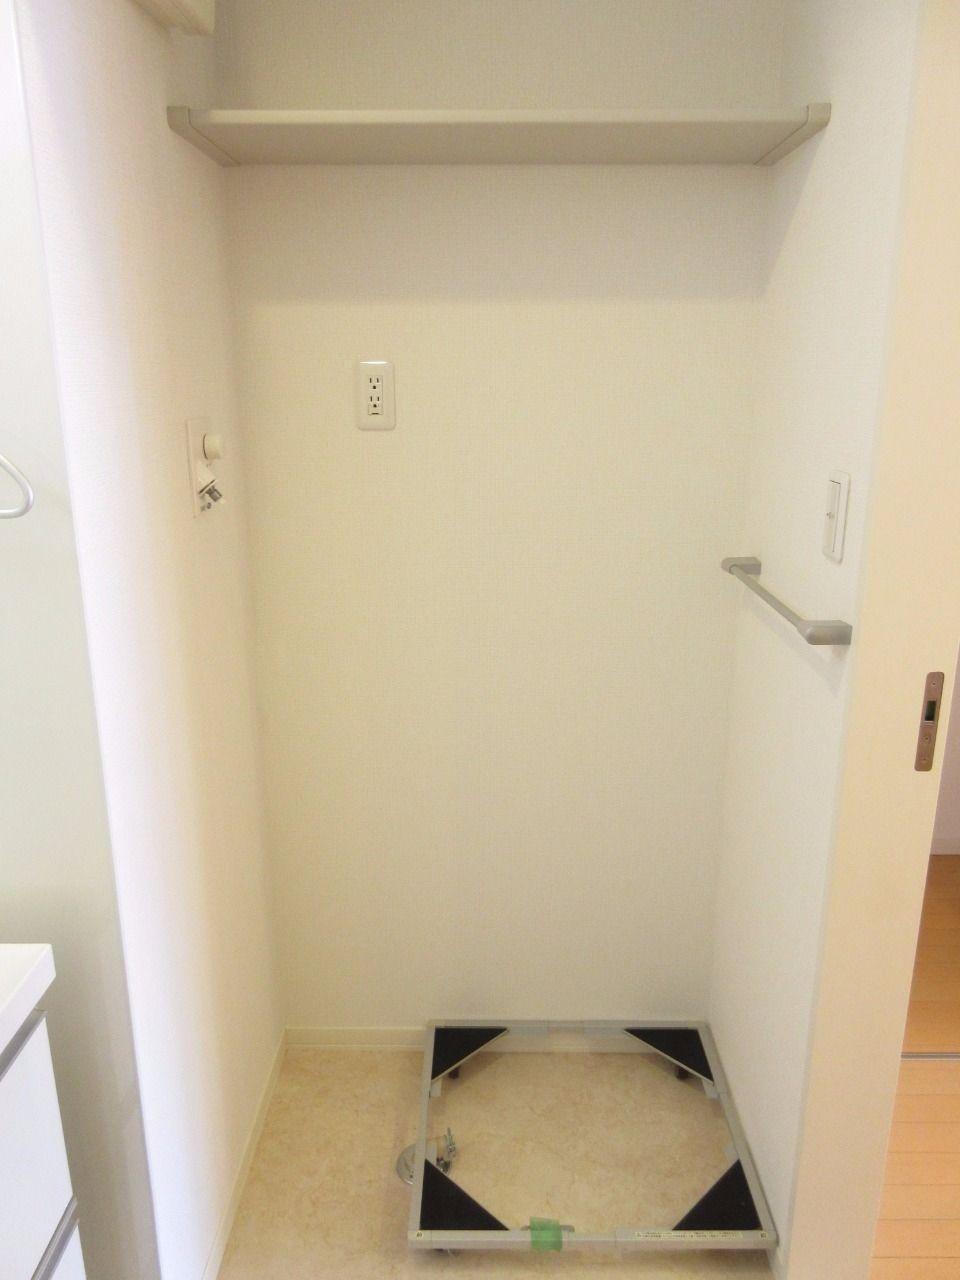 上部には棚板が設置してあるので、洗剤などを置くのに役立ちます